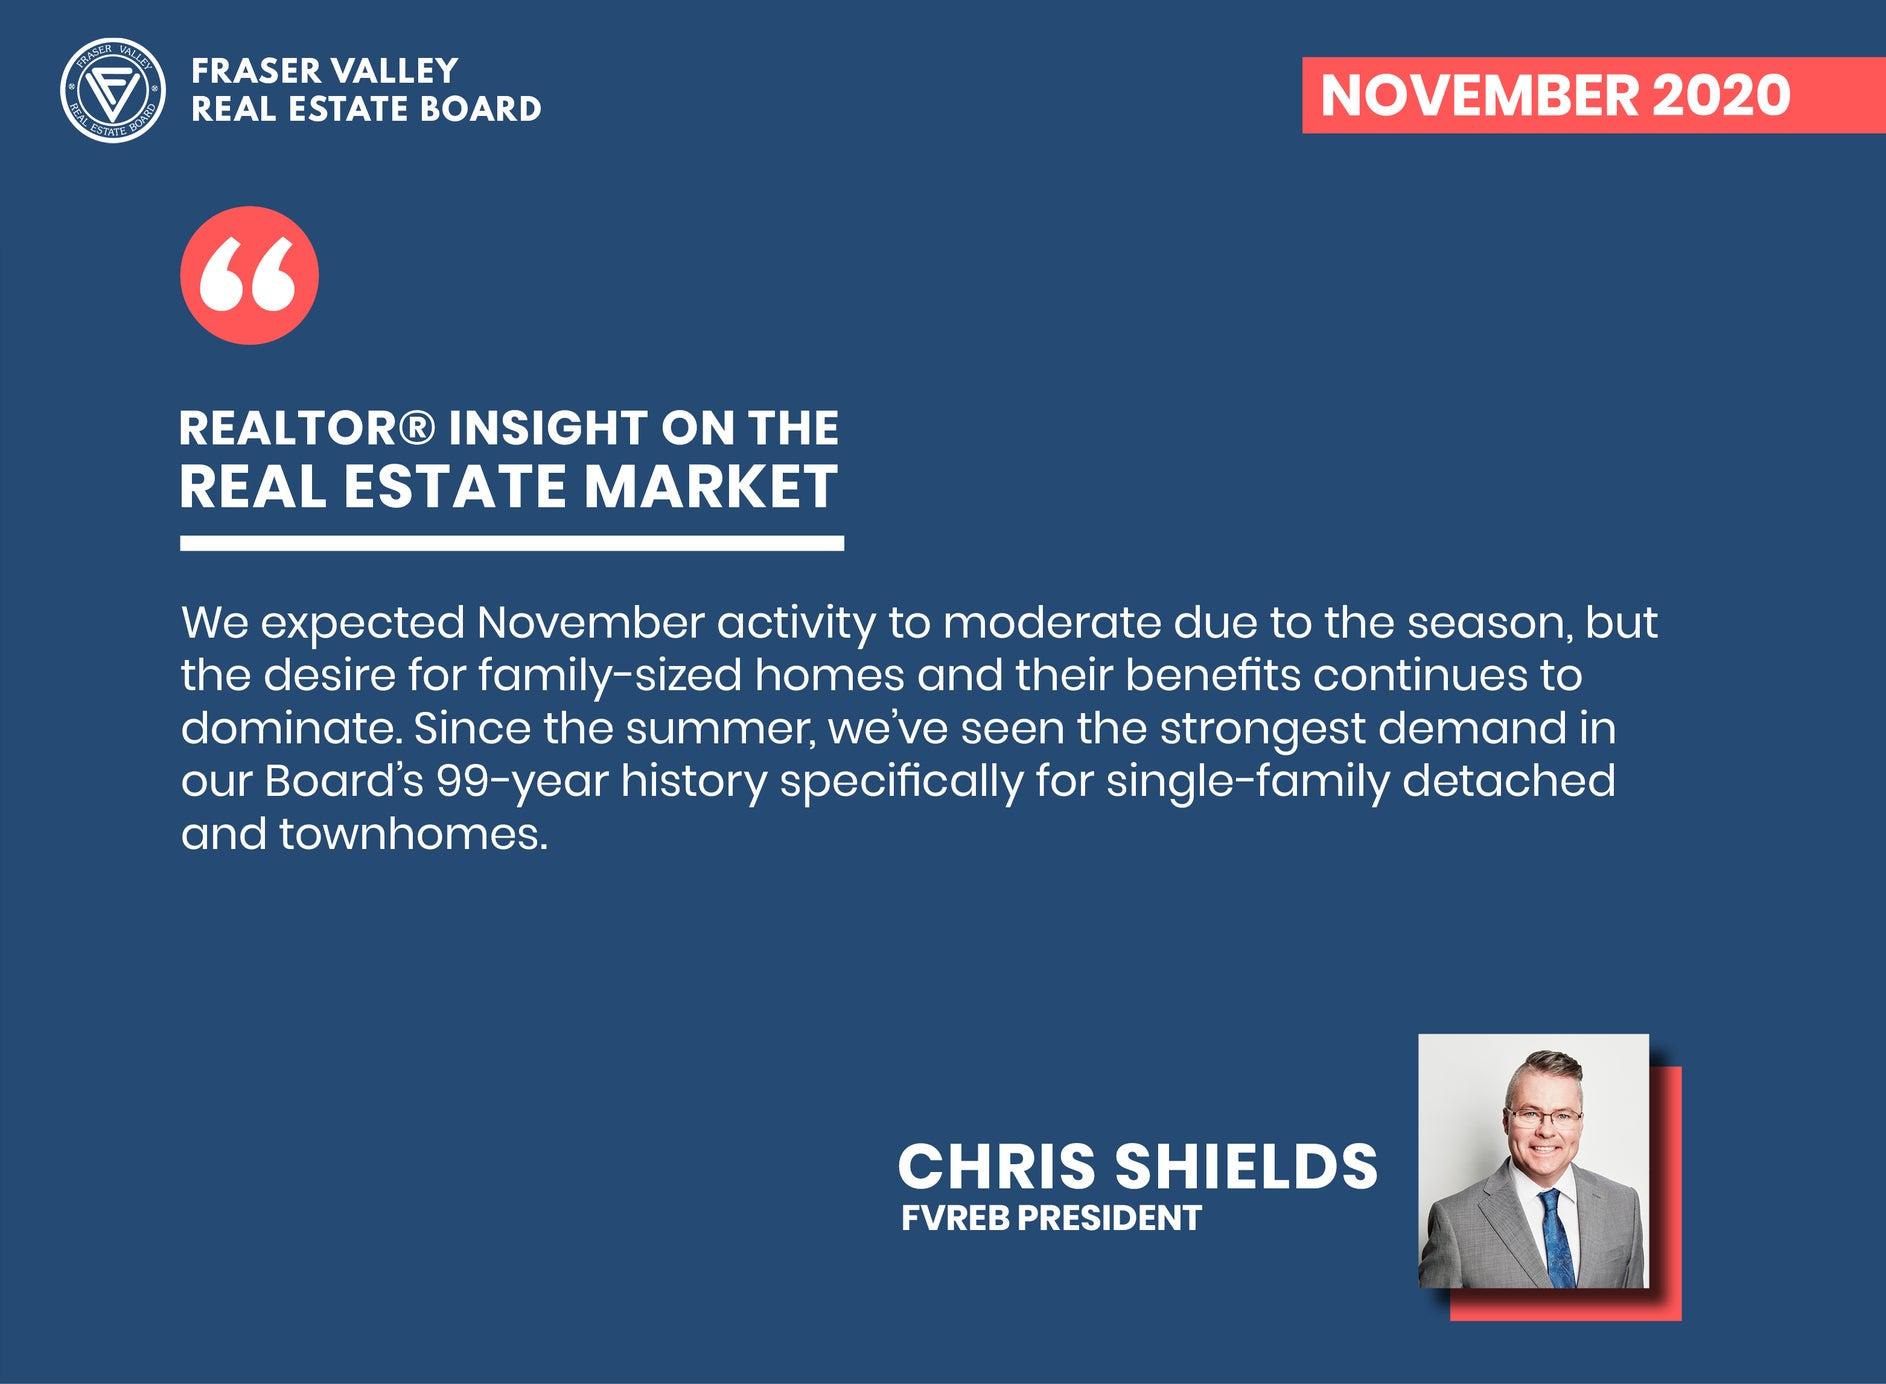 Fraser Valley Real Estate Market Report November 2020 – Realtor Insight